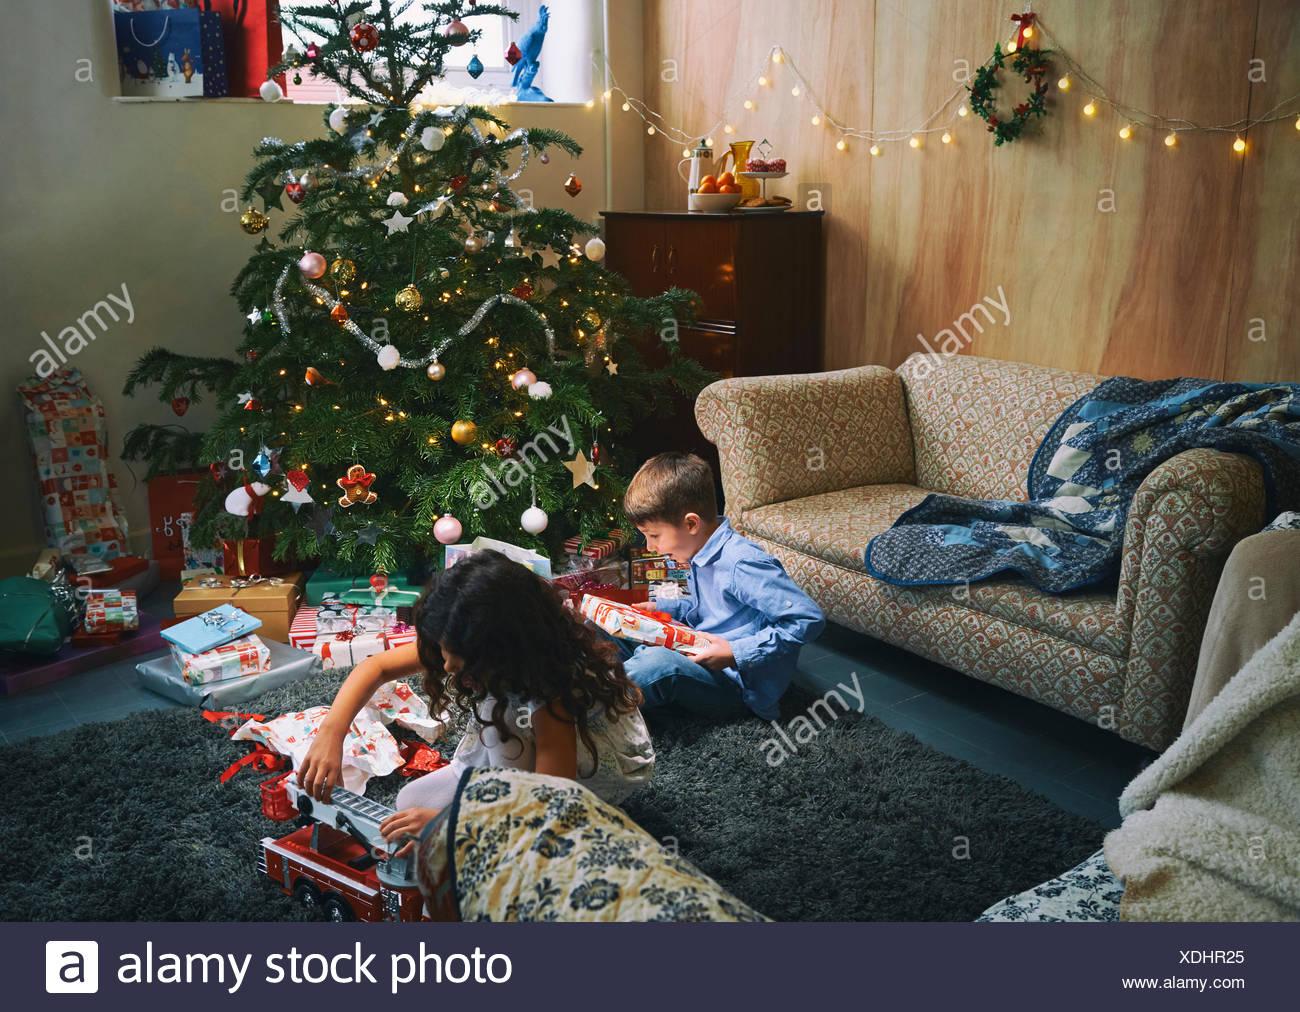 Regali Di Natale Fratello.Sorella E Fratello Gioca Con E Scartare I Regali Di Natale Sul